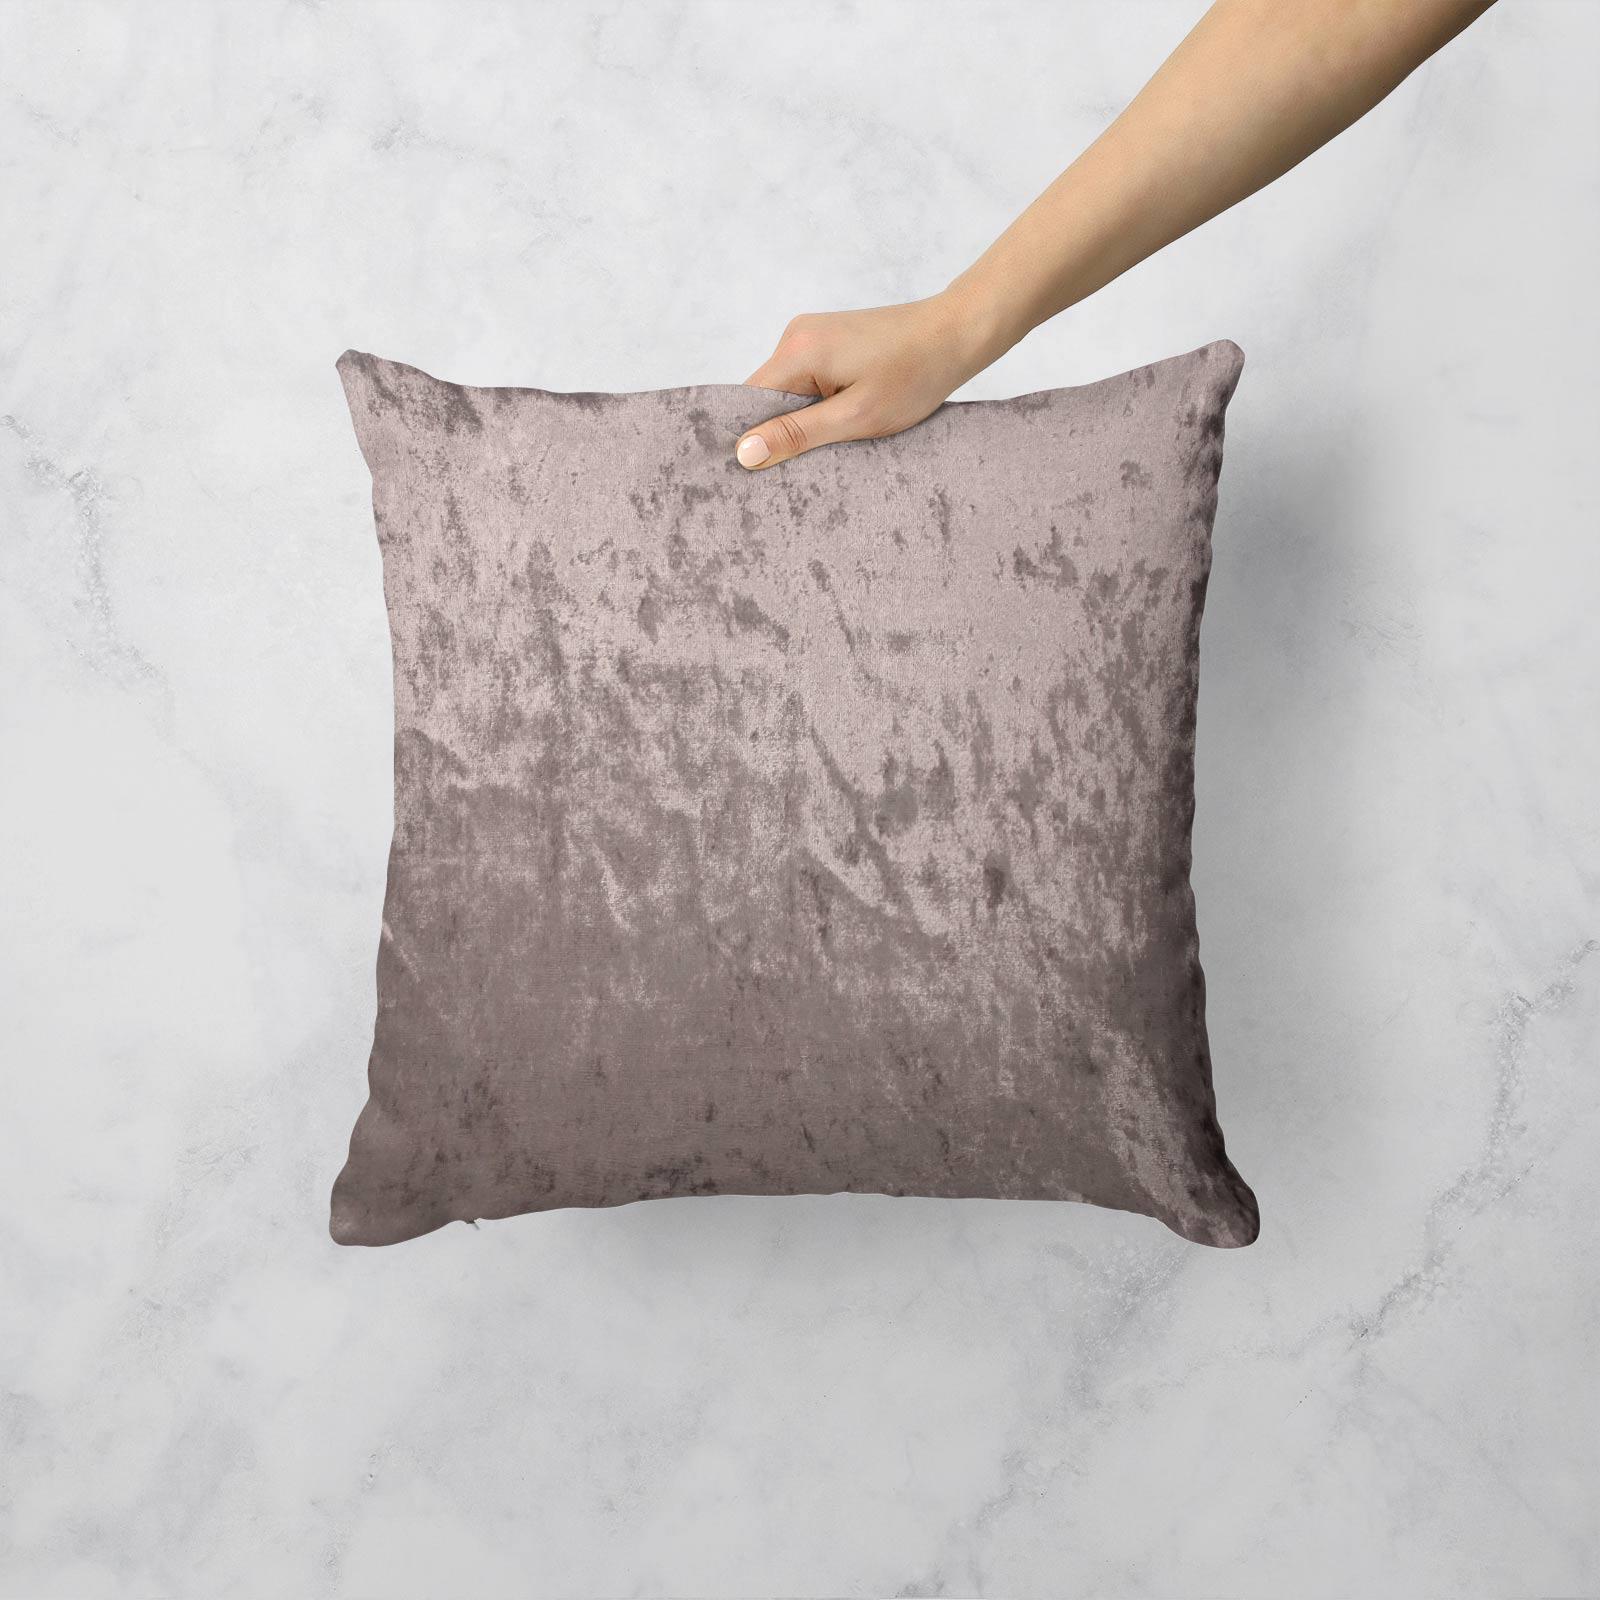 Cuscino-di-velluto-schiacciato-copre-GLAM-Tinta-Unita-Copricuscino-18-034-x-18-034-45cm-x-45cm miniatura 48